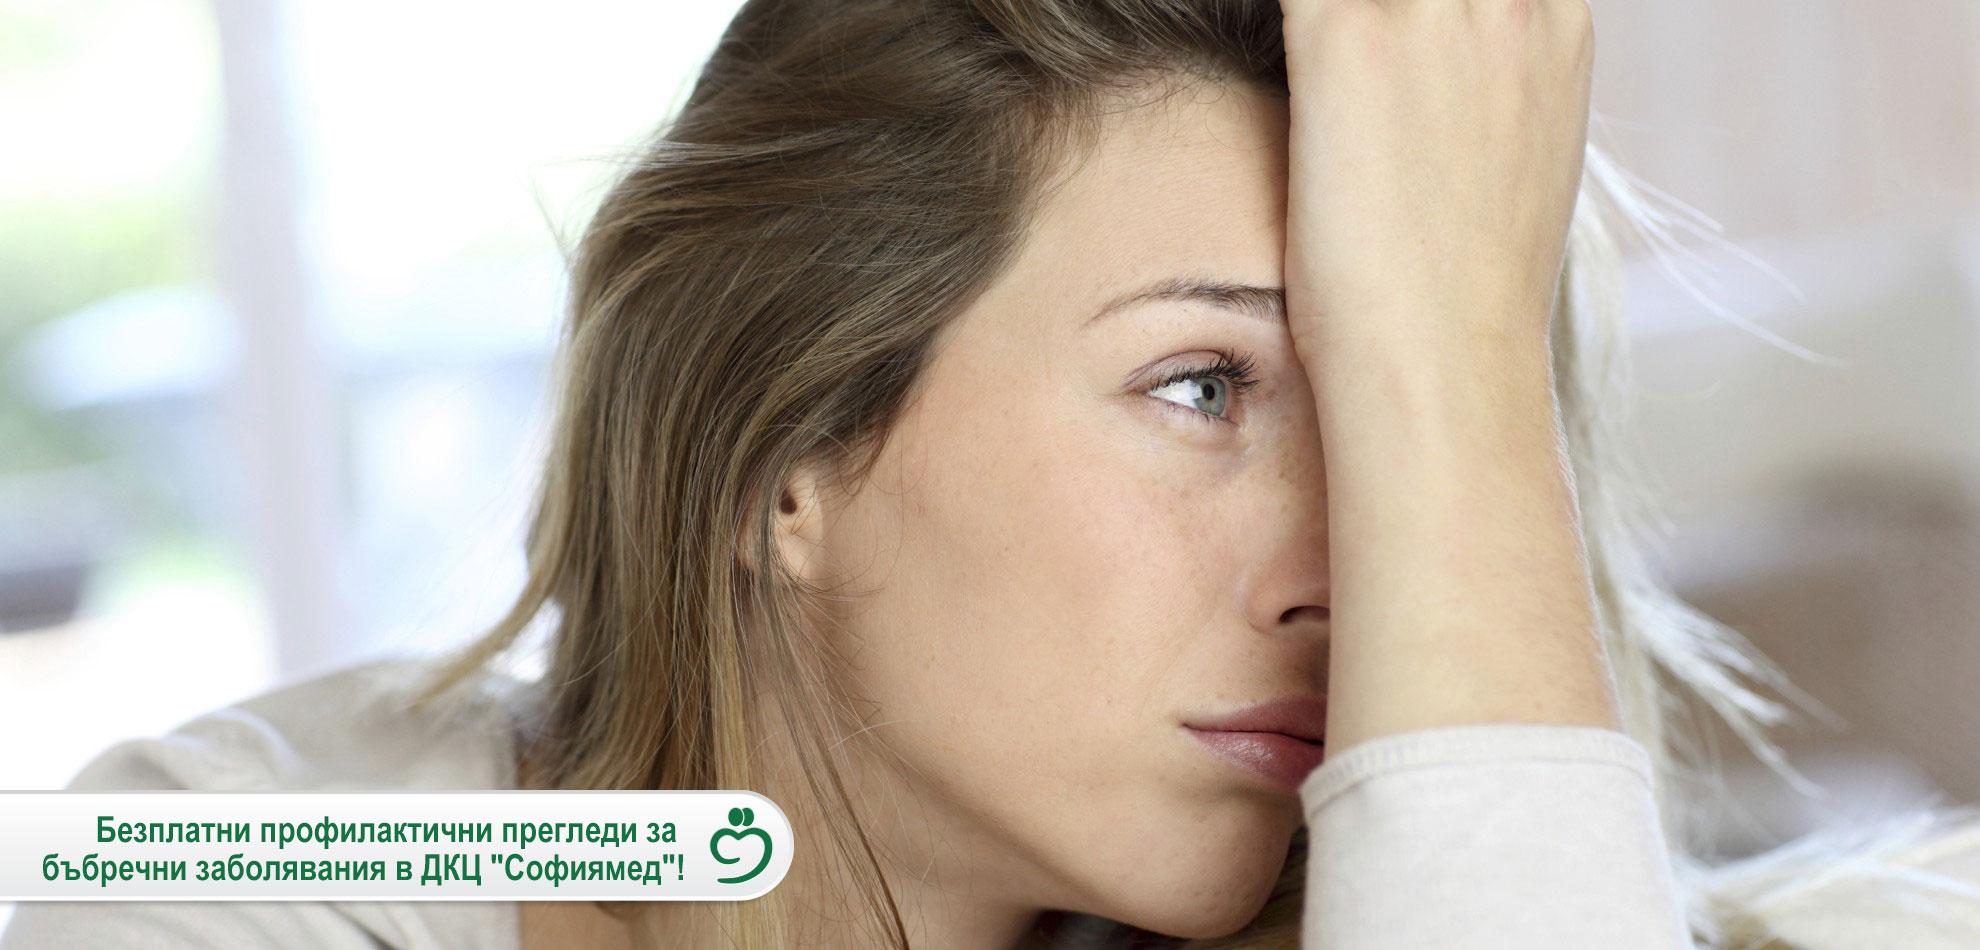 Безплатни профилактични прегледи за бъбречни заболявания в ДКЦ